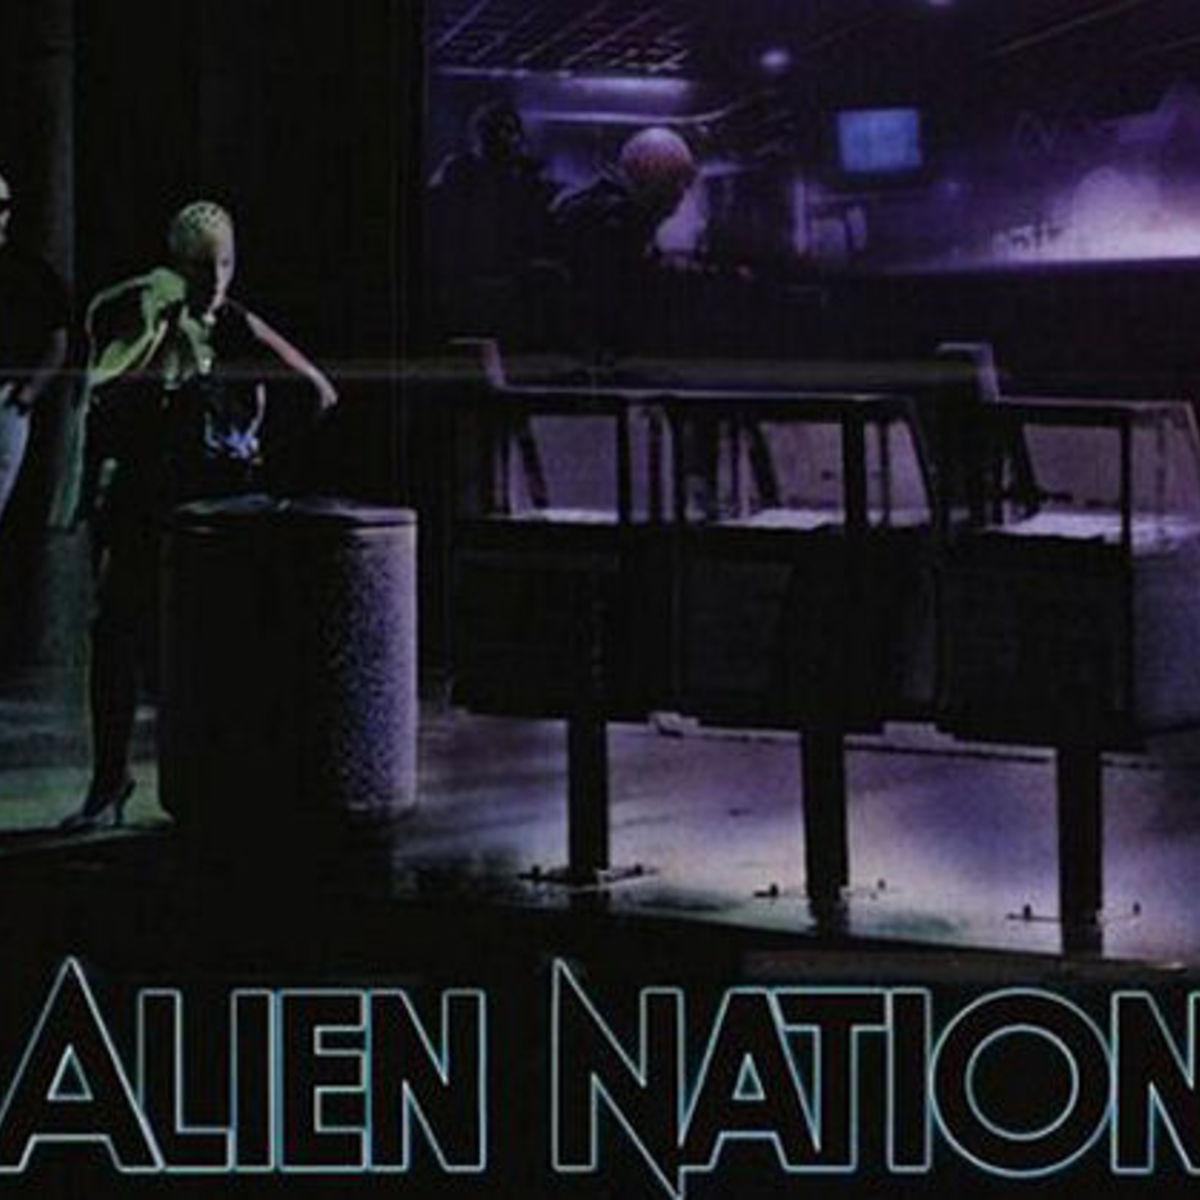 alien_nation.jpg